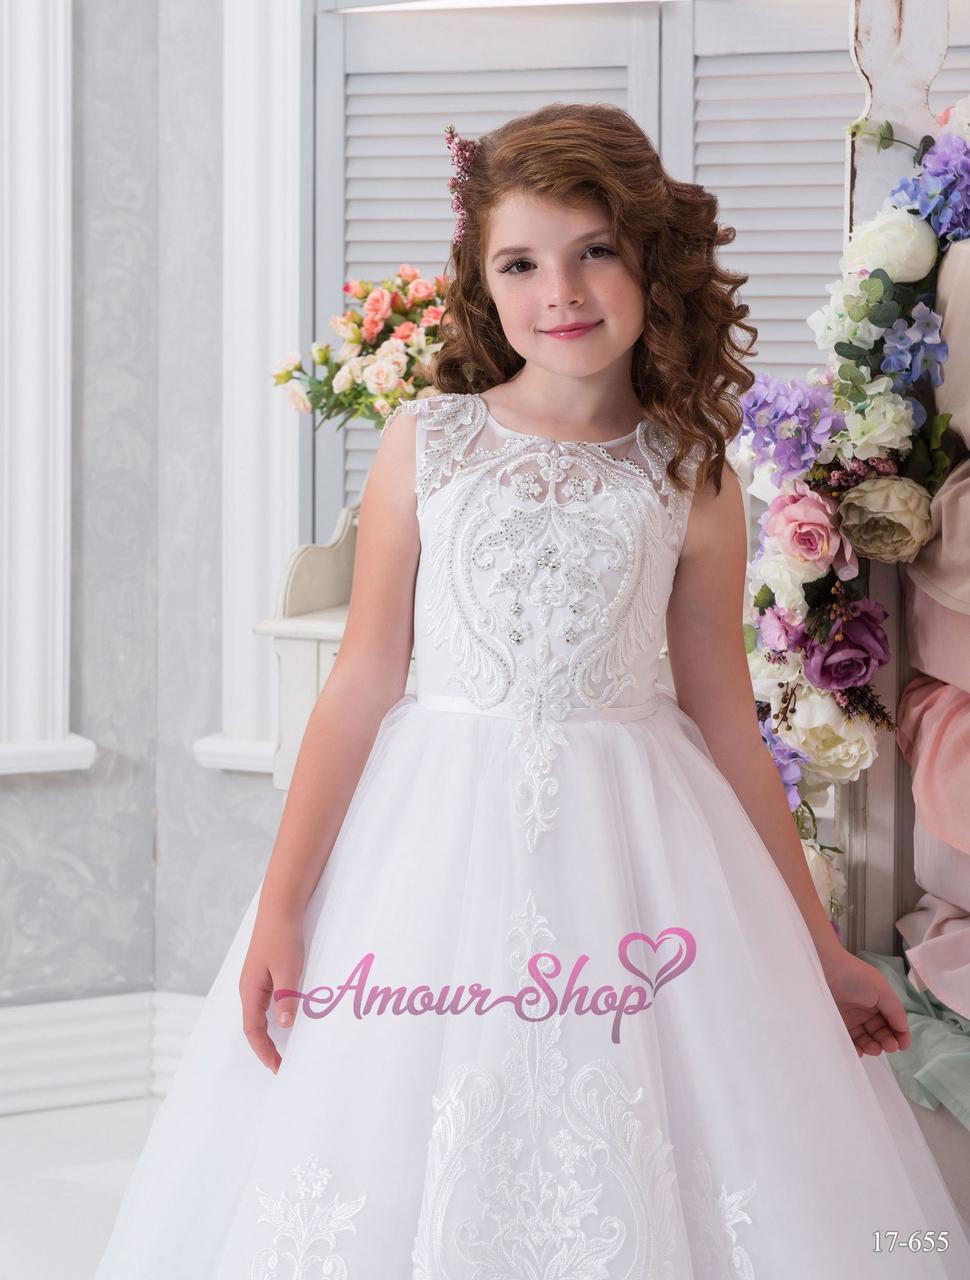 Детское платье как у невесты. Белое, пышное, нарядное, с открытой спинкой